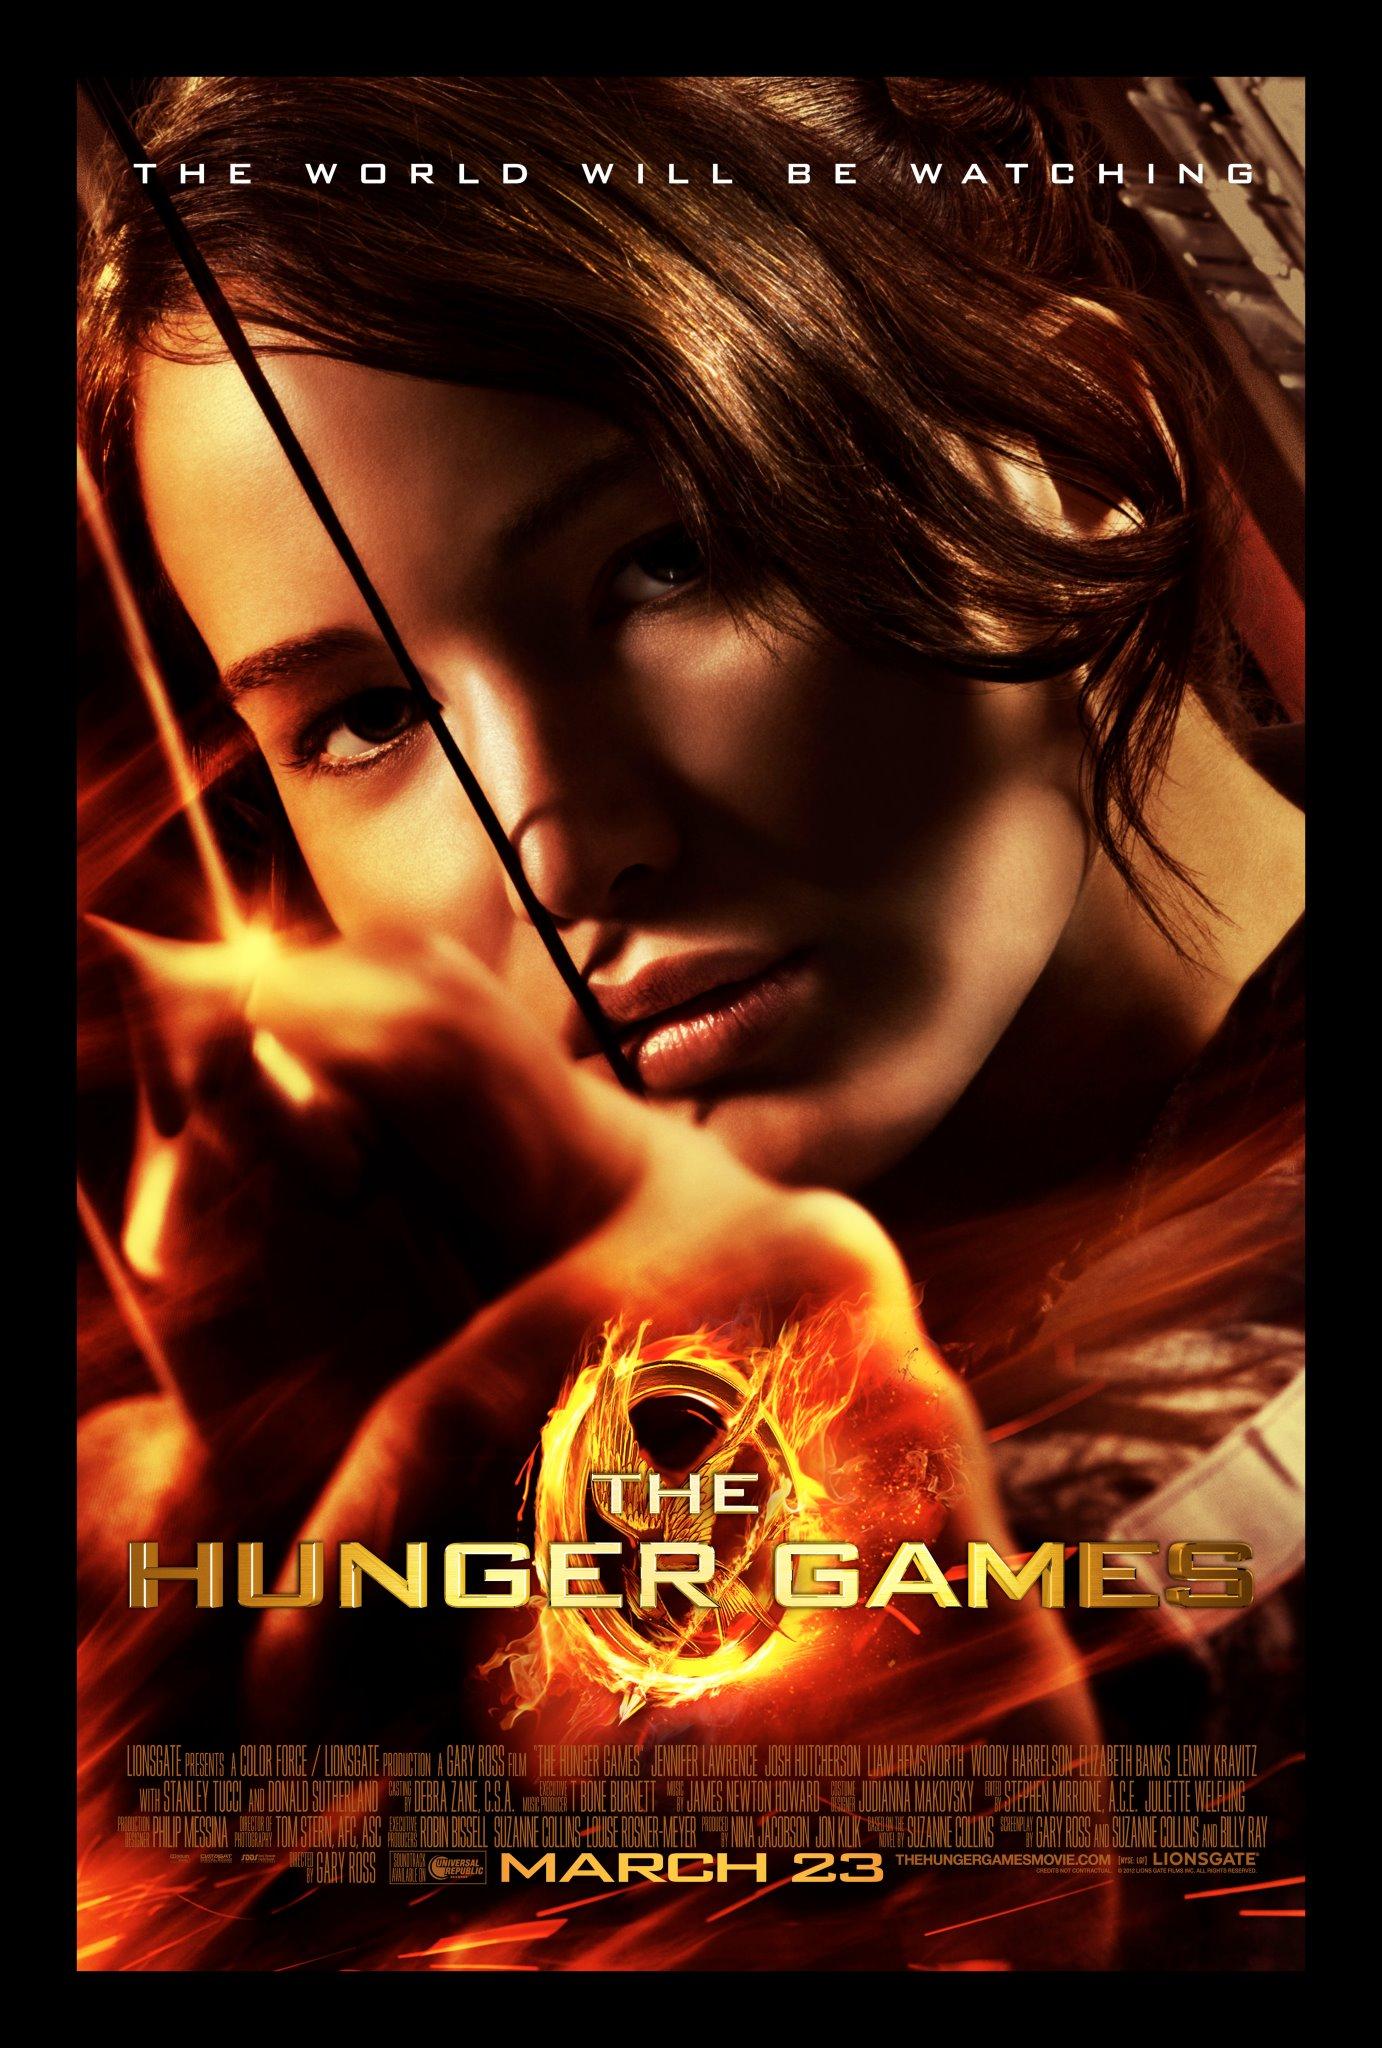 the-hunger-games-the-world-will-be-watching-katniss-everdeen-shot-arrow-poster